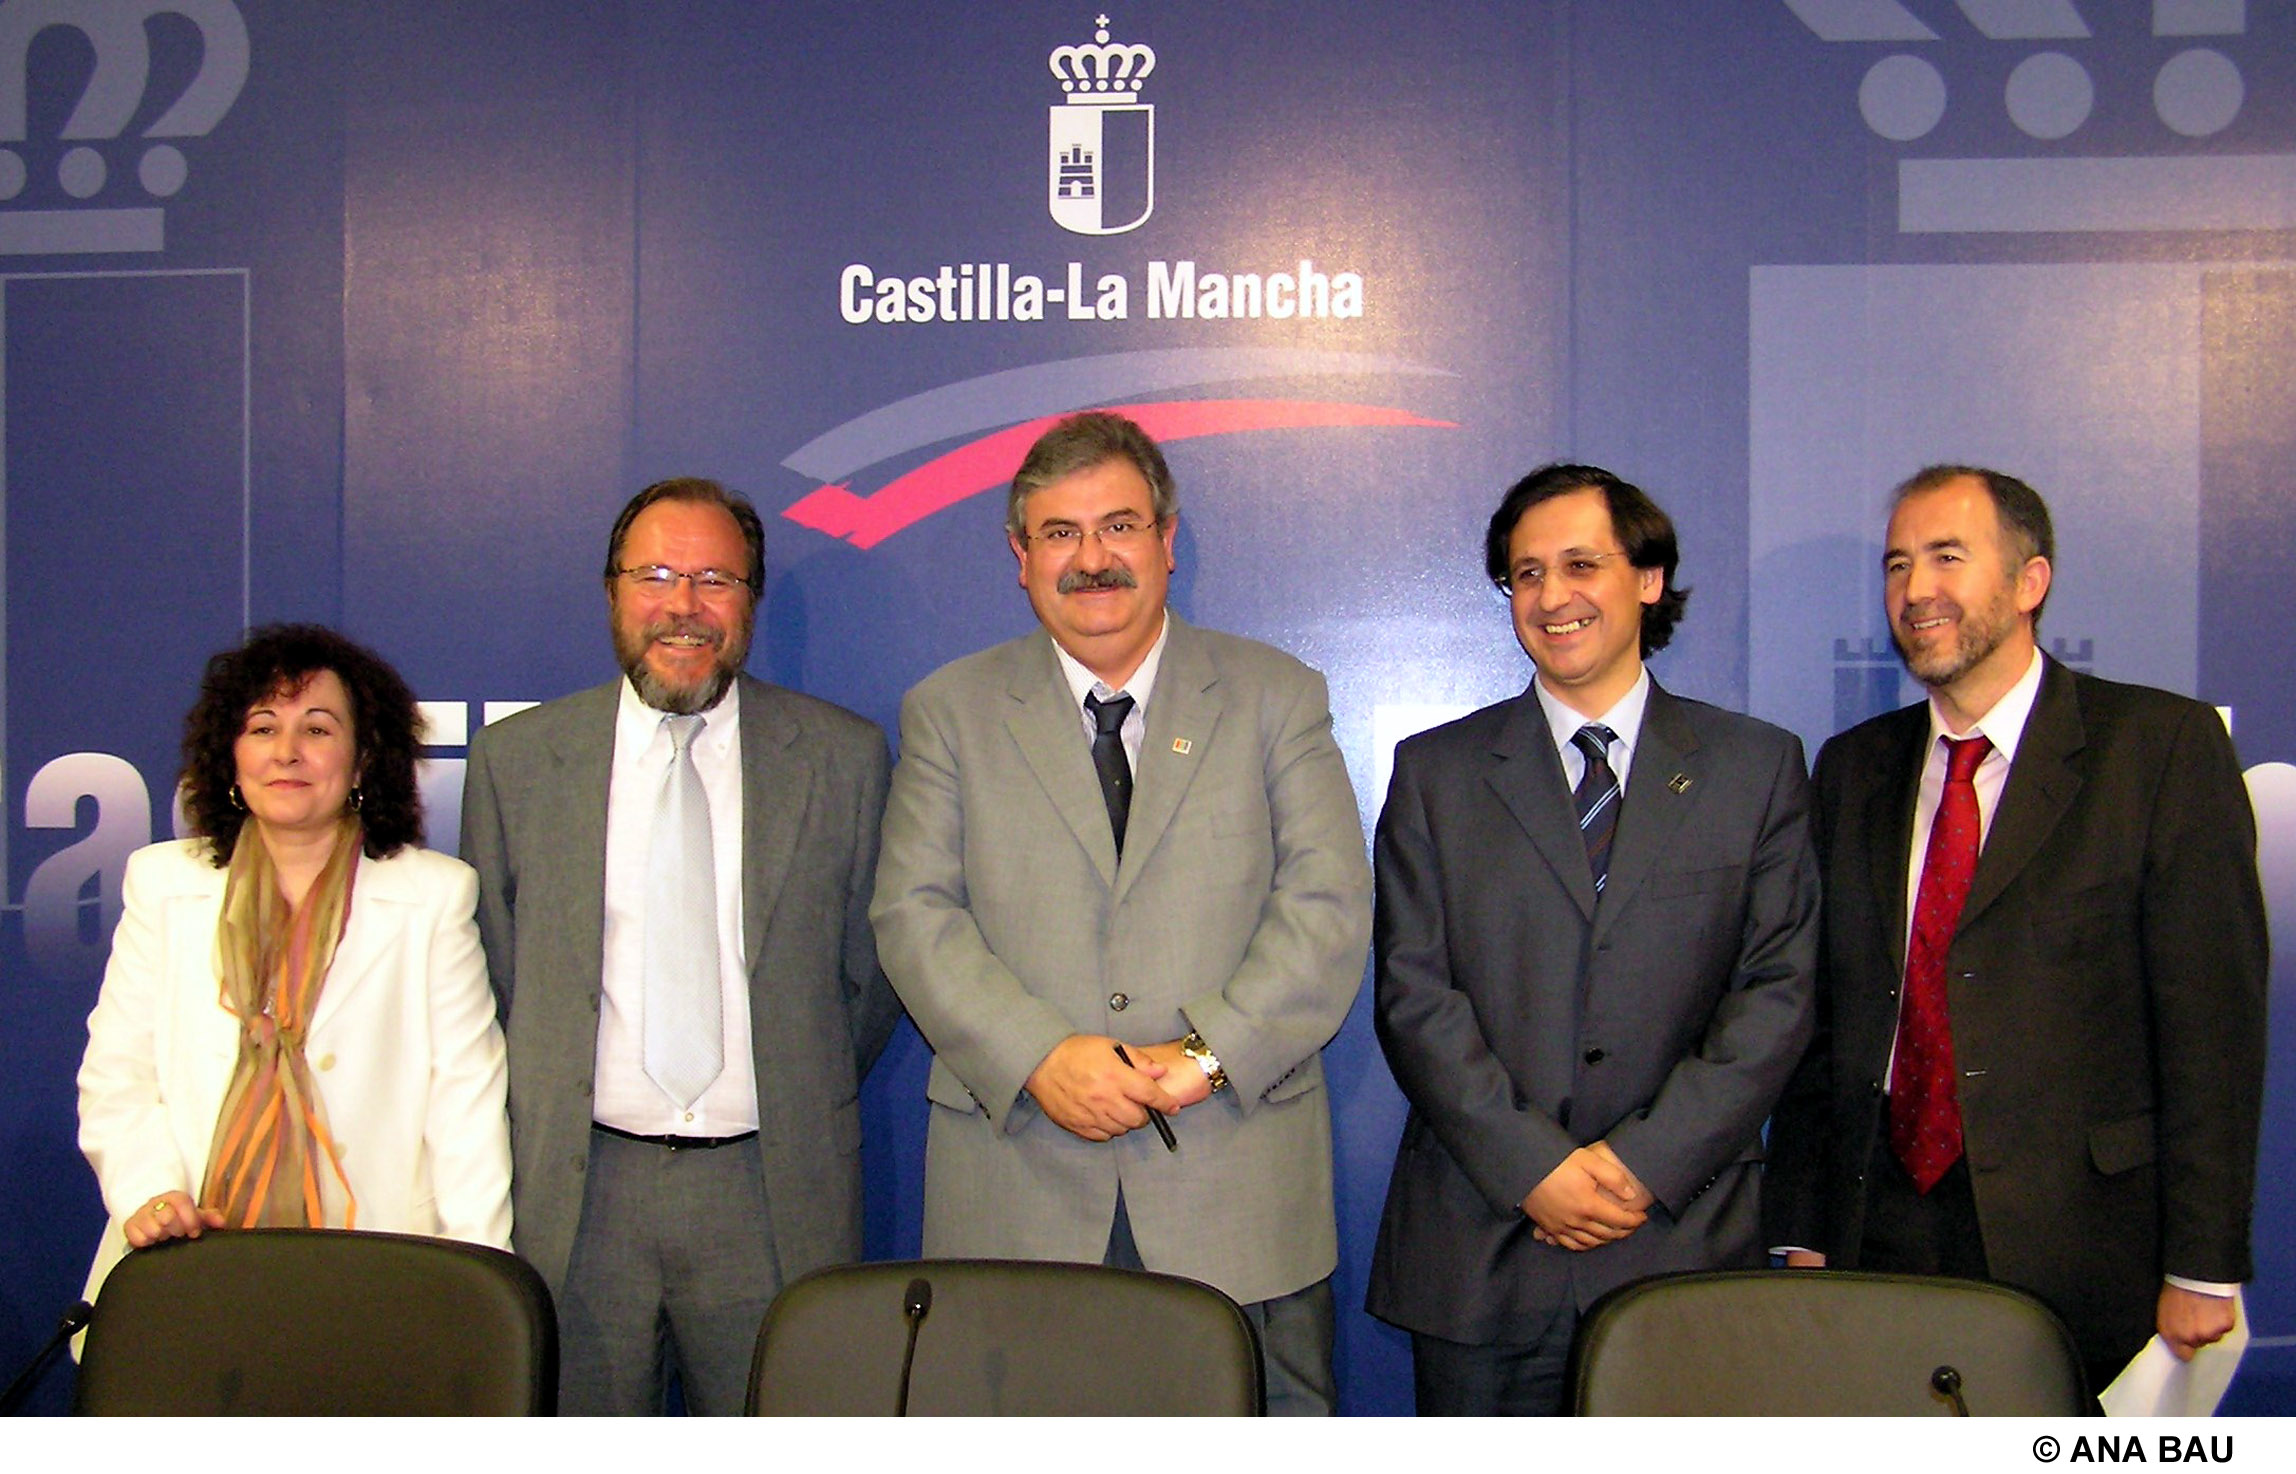 La junta financia la construcci n de las piscinas for Piscina cubierta madridejos